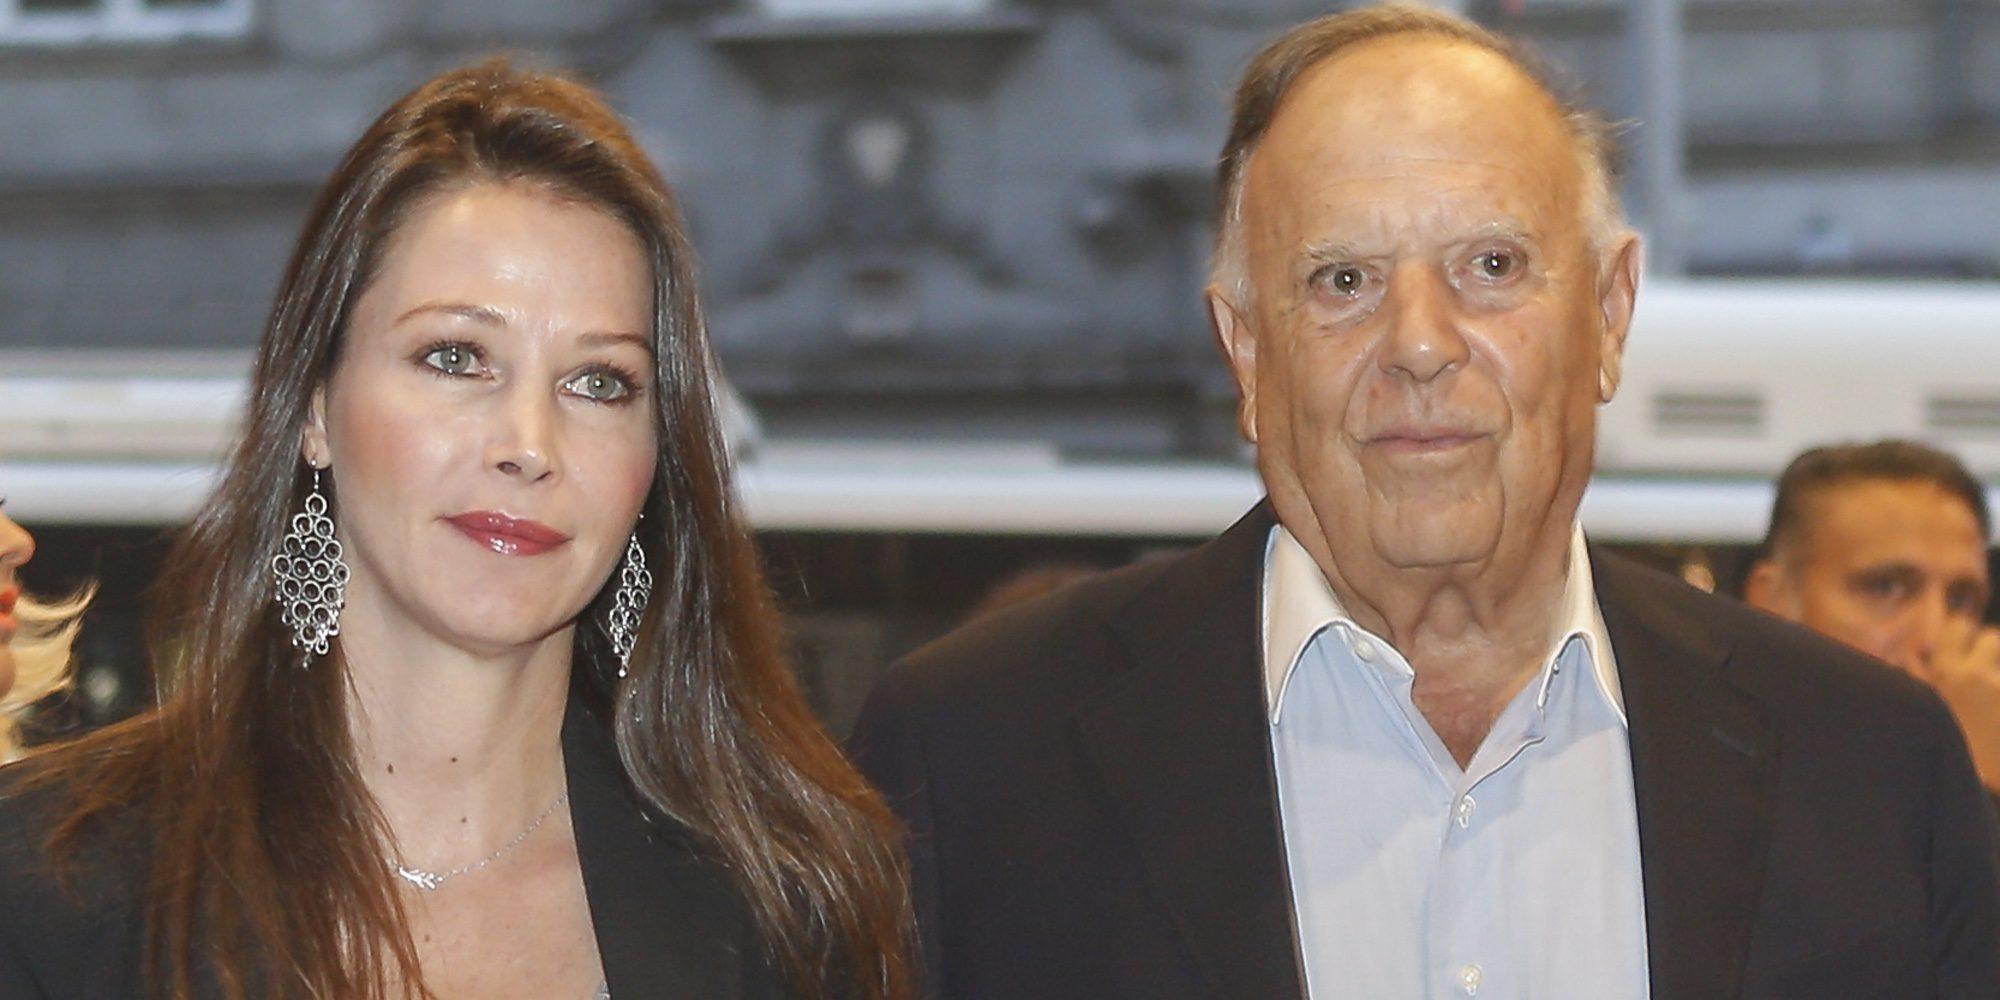 Merche y Arturo Requejo, todo sonrisas en el nuevo espectáculo de Pitingo 'Sol, bulería y más'